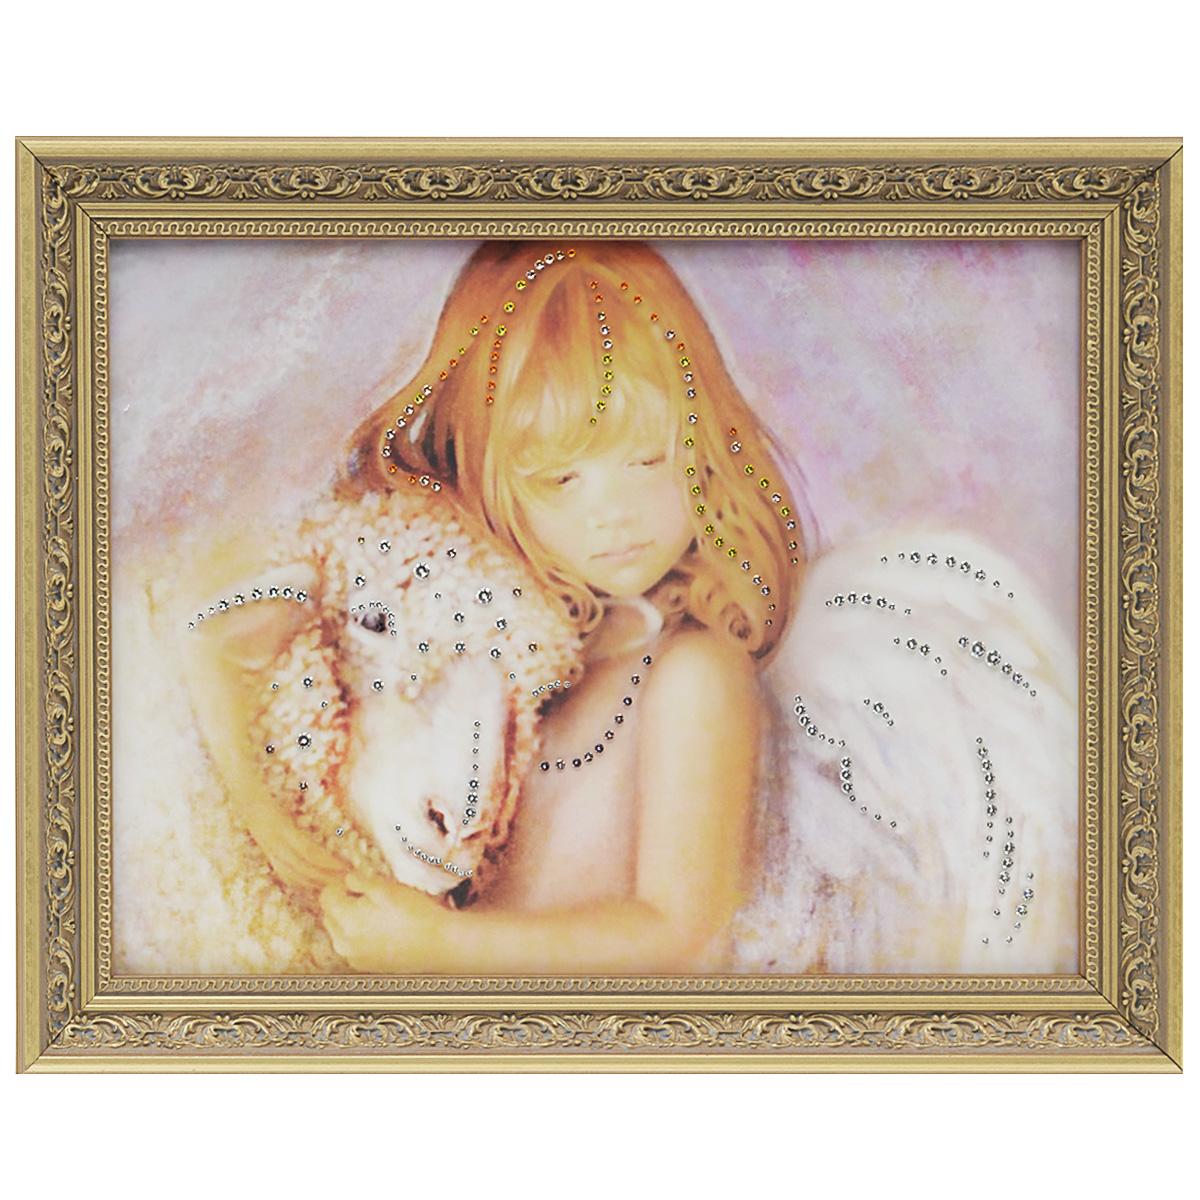 Картина с кристаллами Swarovski Нежность, 47 см х 37 см1549Изящная картина в багетной раме, инкрустирована кристаллами Swarovski, которые отличаются четкой и ровной огранкой, ярким блеском и чистотой цвета. Красочное изображение овечки, расположенное под стеклом, прекрасно дополняет блеск кристаллов. С обратной стороны имеется металлическая петелька для размещения картины на стене. Картина с кристаллами Swarovski Нежность элегантно украсит интерьер дома или офиса, а также станет прекрасным подарком, который обязательно понравится получателю. Блеск кристаллов в интерьере, что может быть сказочнее и удивительнее. Картина упакована в подарочную картонную коробку синего цвета и комплектуется сертификатом соответствия Swarovski.